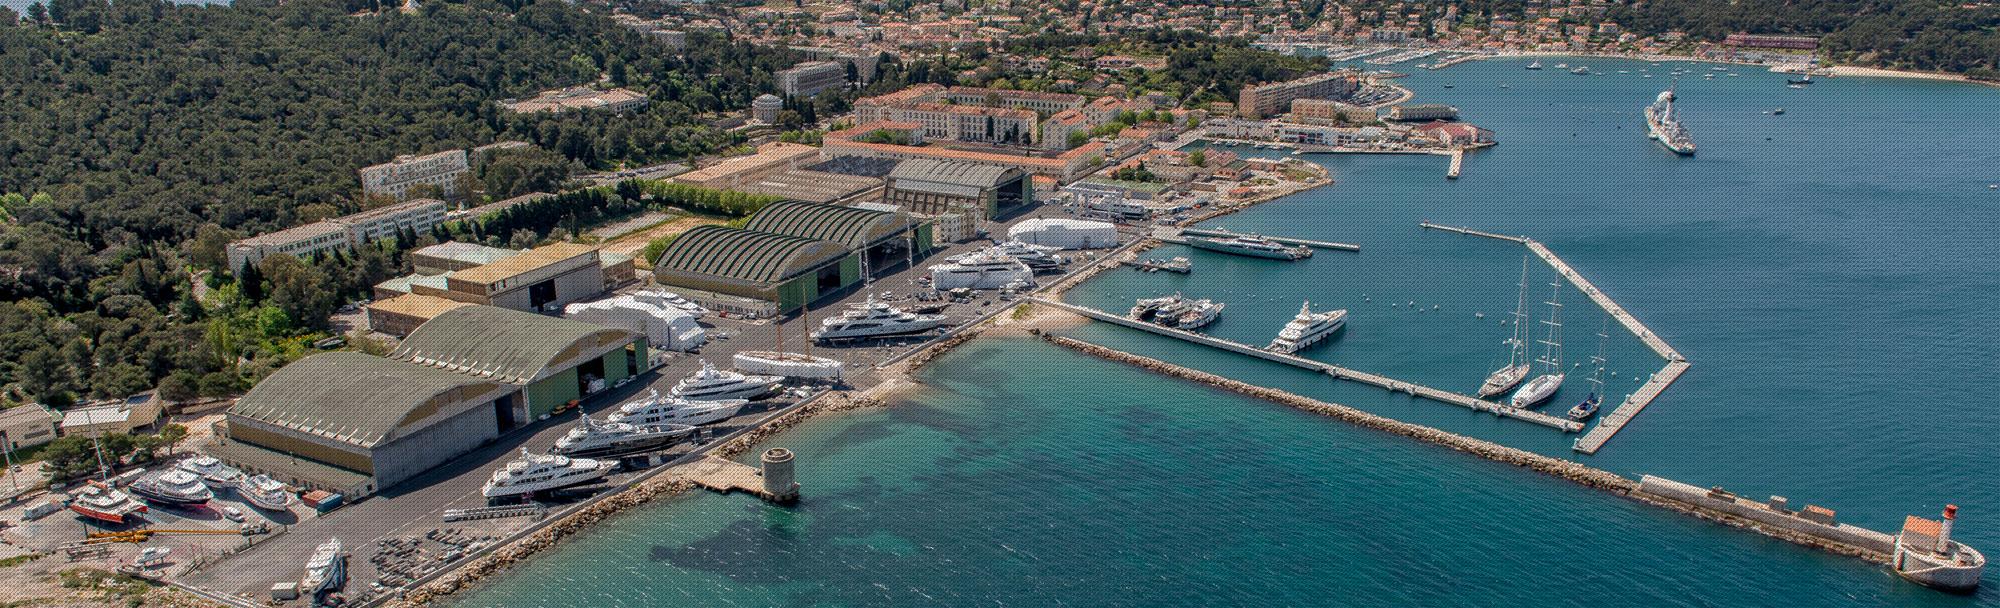 Un chantier naval avec une capacité de 100 bateaux sur 130000 m ² à Toulon